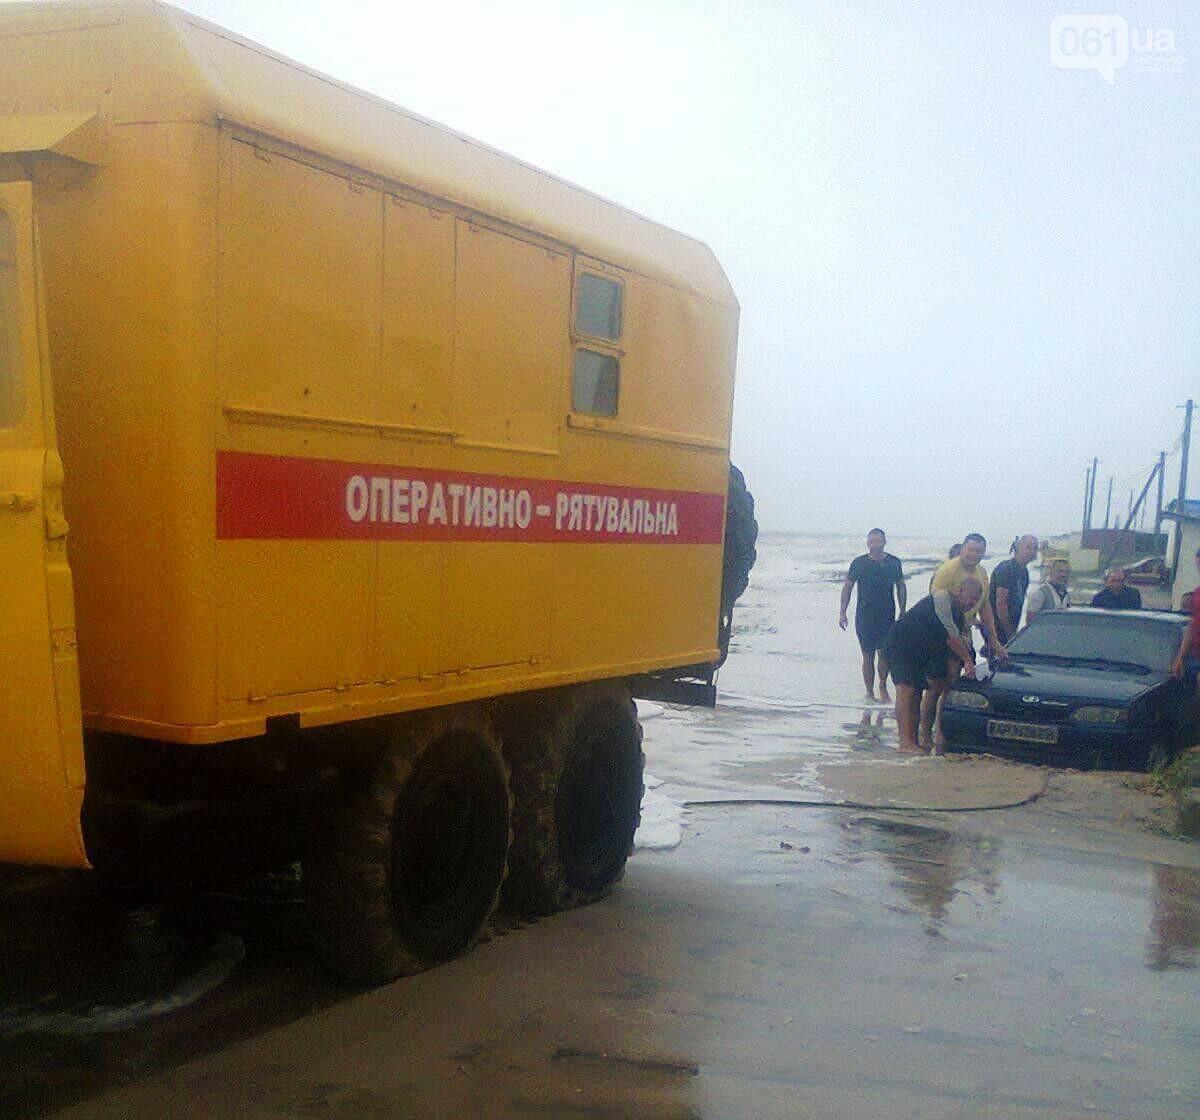 В Приморске размыло косу — 20 автомобилей не могут выехать с курорта, фото-3